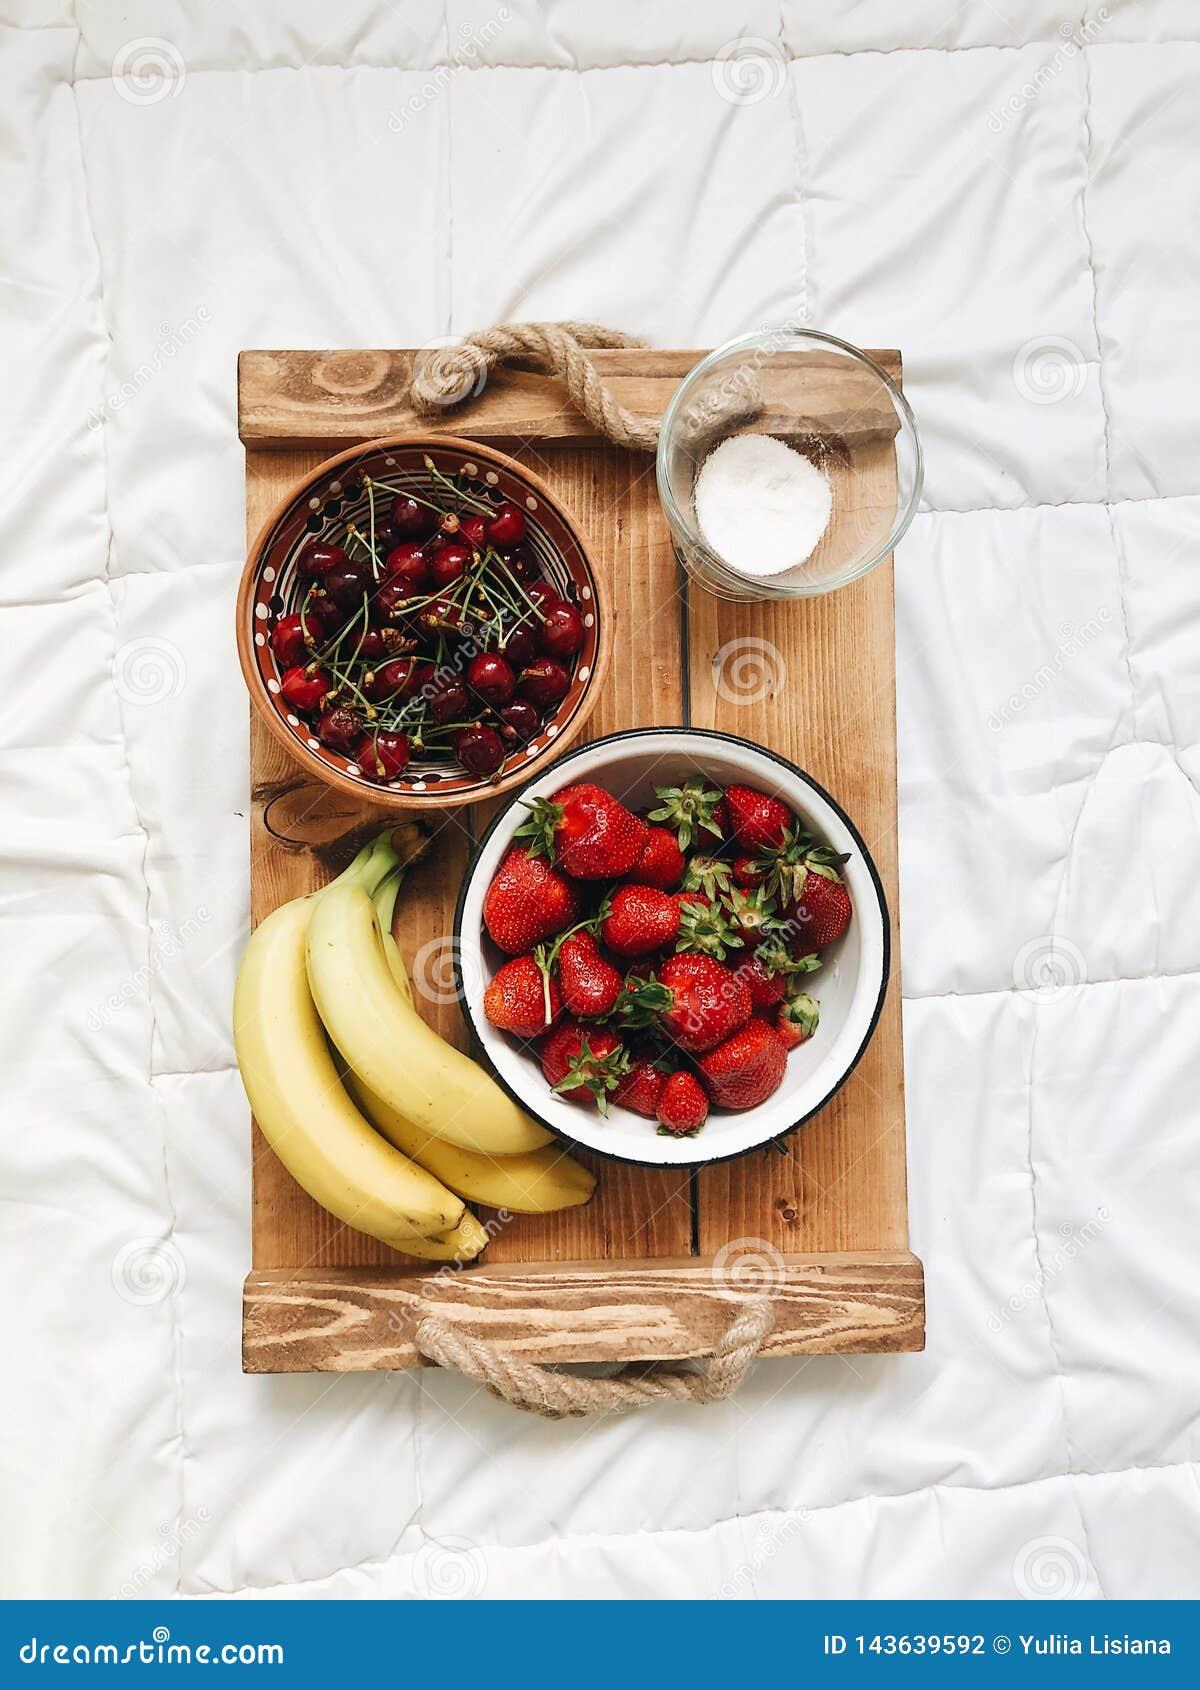 Composizione di vari frutti esotici su fondo bianco